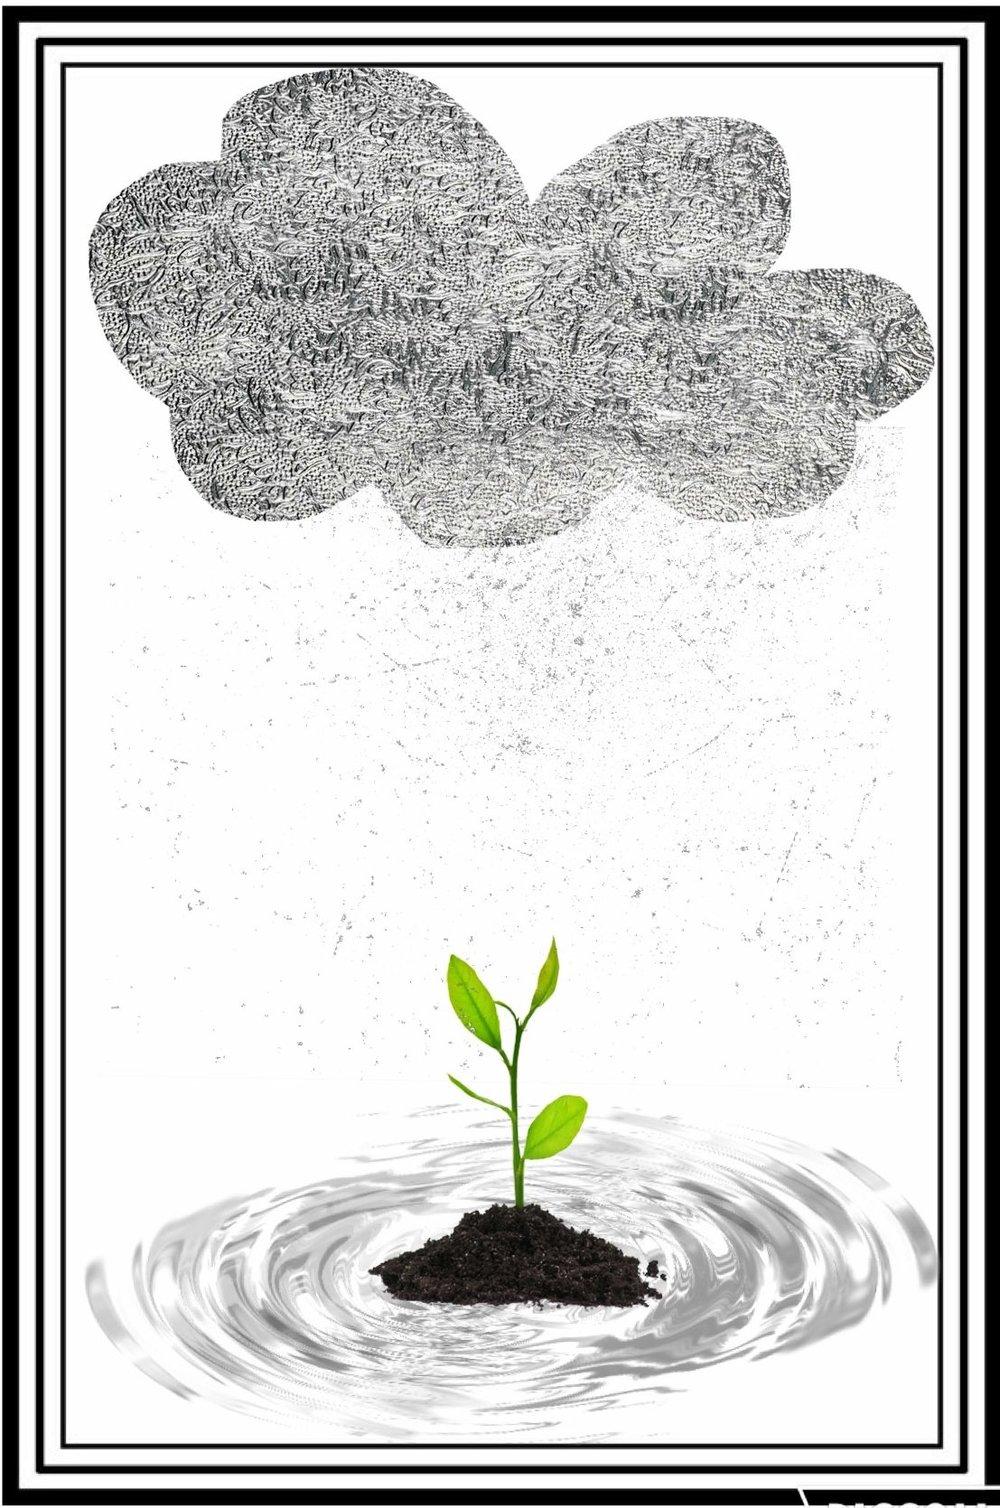 baby-tree-e1466471134598.jpg